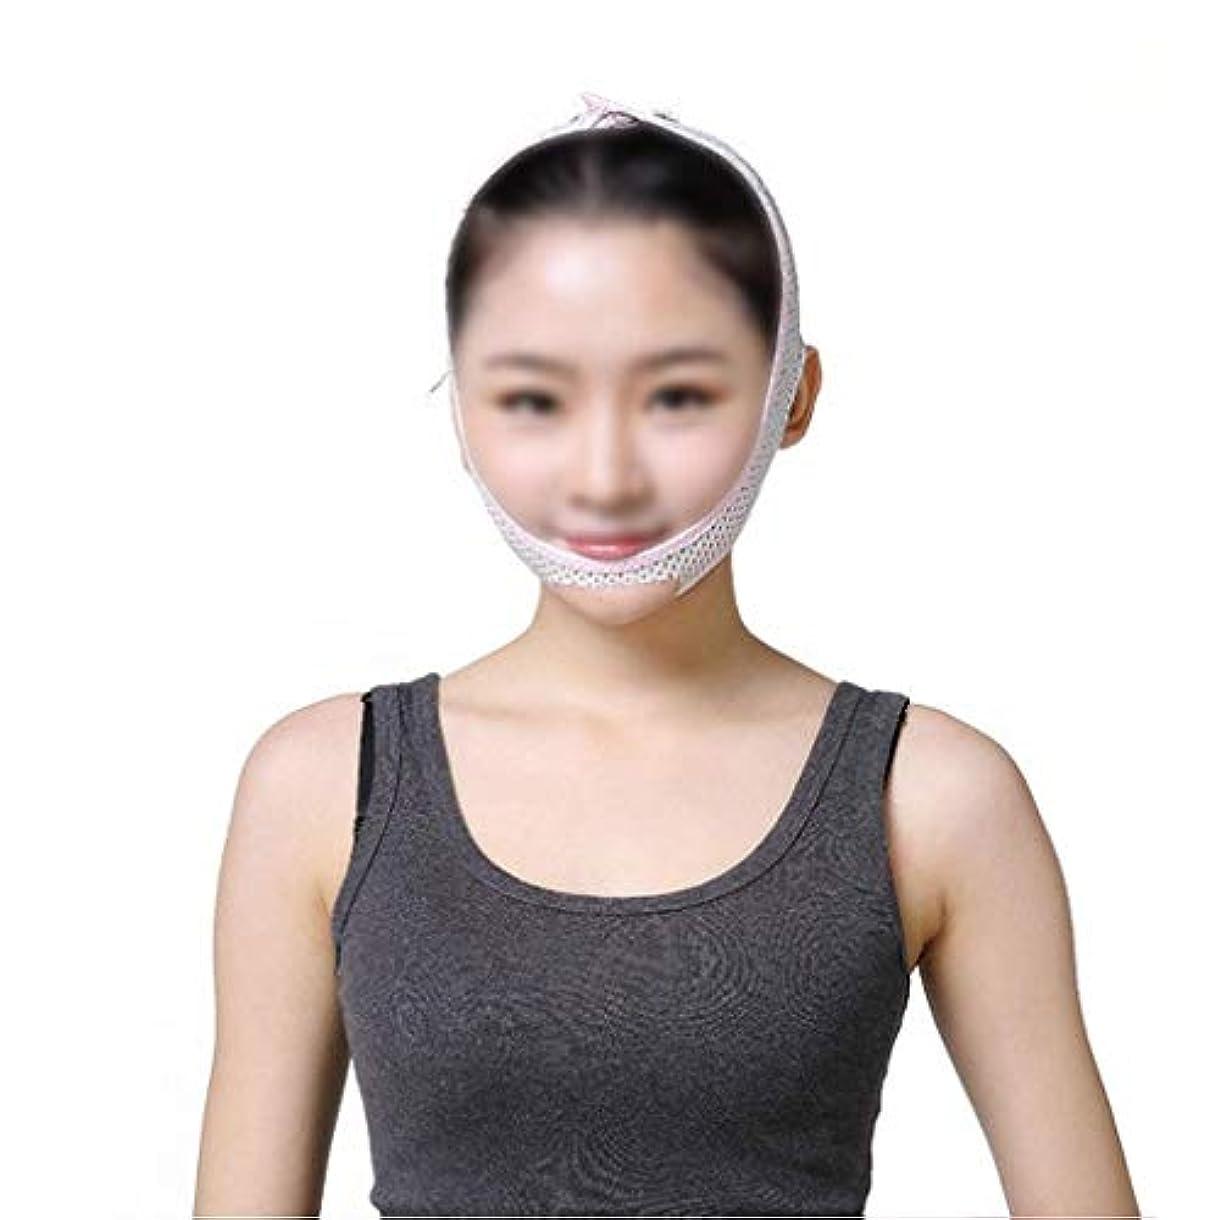 宣言するガラガラ価値フェイスリフティングマスク、快適で リフティングスキンファーミングスリープシンフェイスアーティファクトアンチリンクル/リムーブダブルチン/術後回復マスク(サイズ:M)